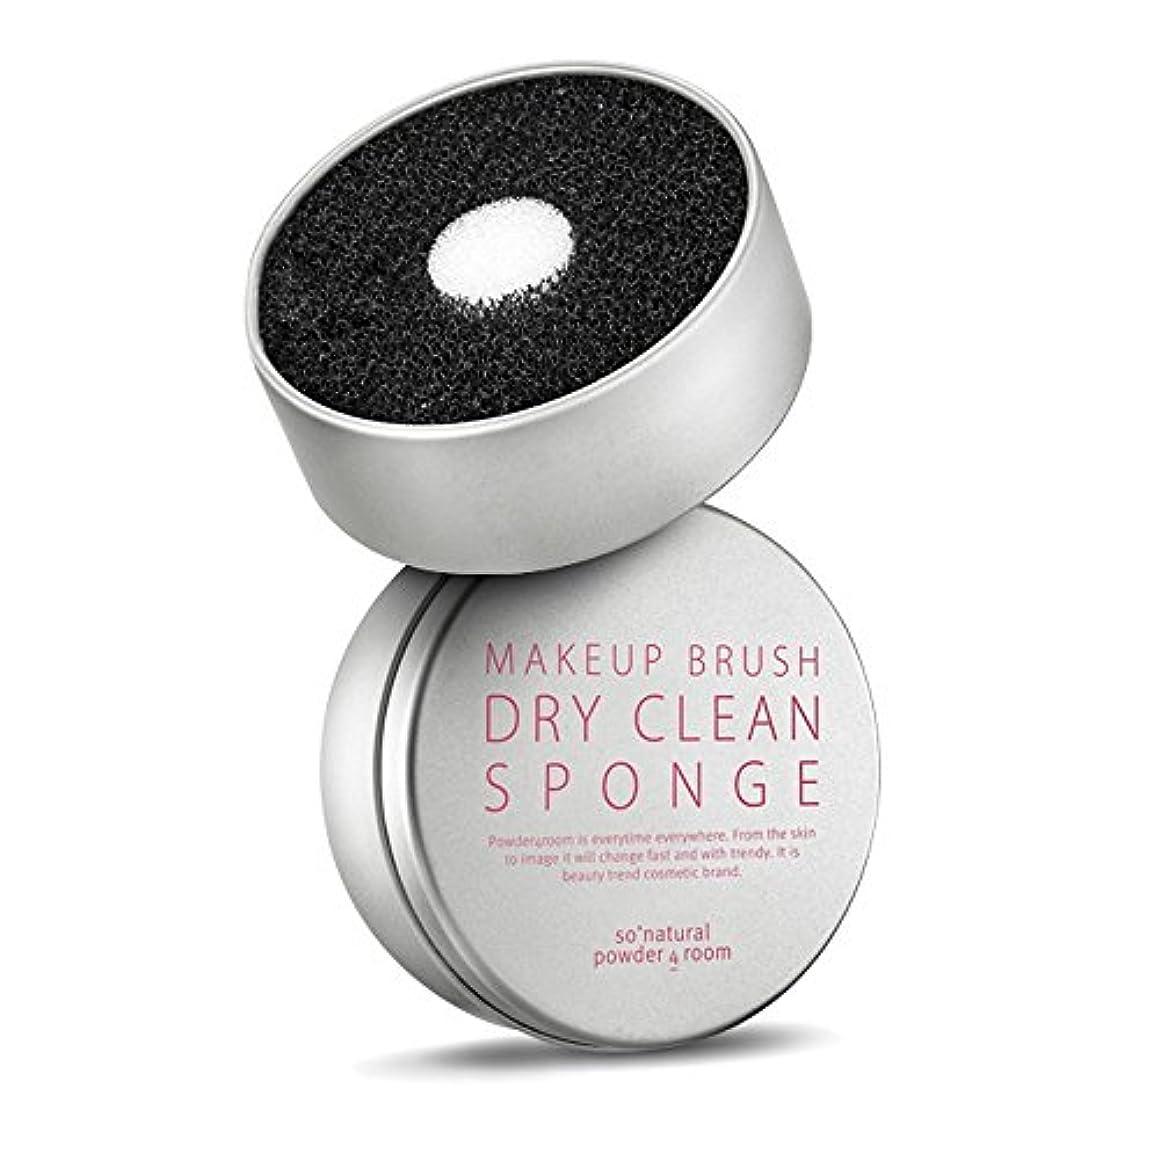 フェッチジョブヒューマニスティックソーナチュラル So Natural ドライブラシクリーンスポンジ Dry Clean Sponge 水が必要ないブラシクリーナスポンジ [並行輸入品]